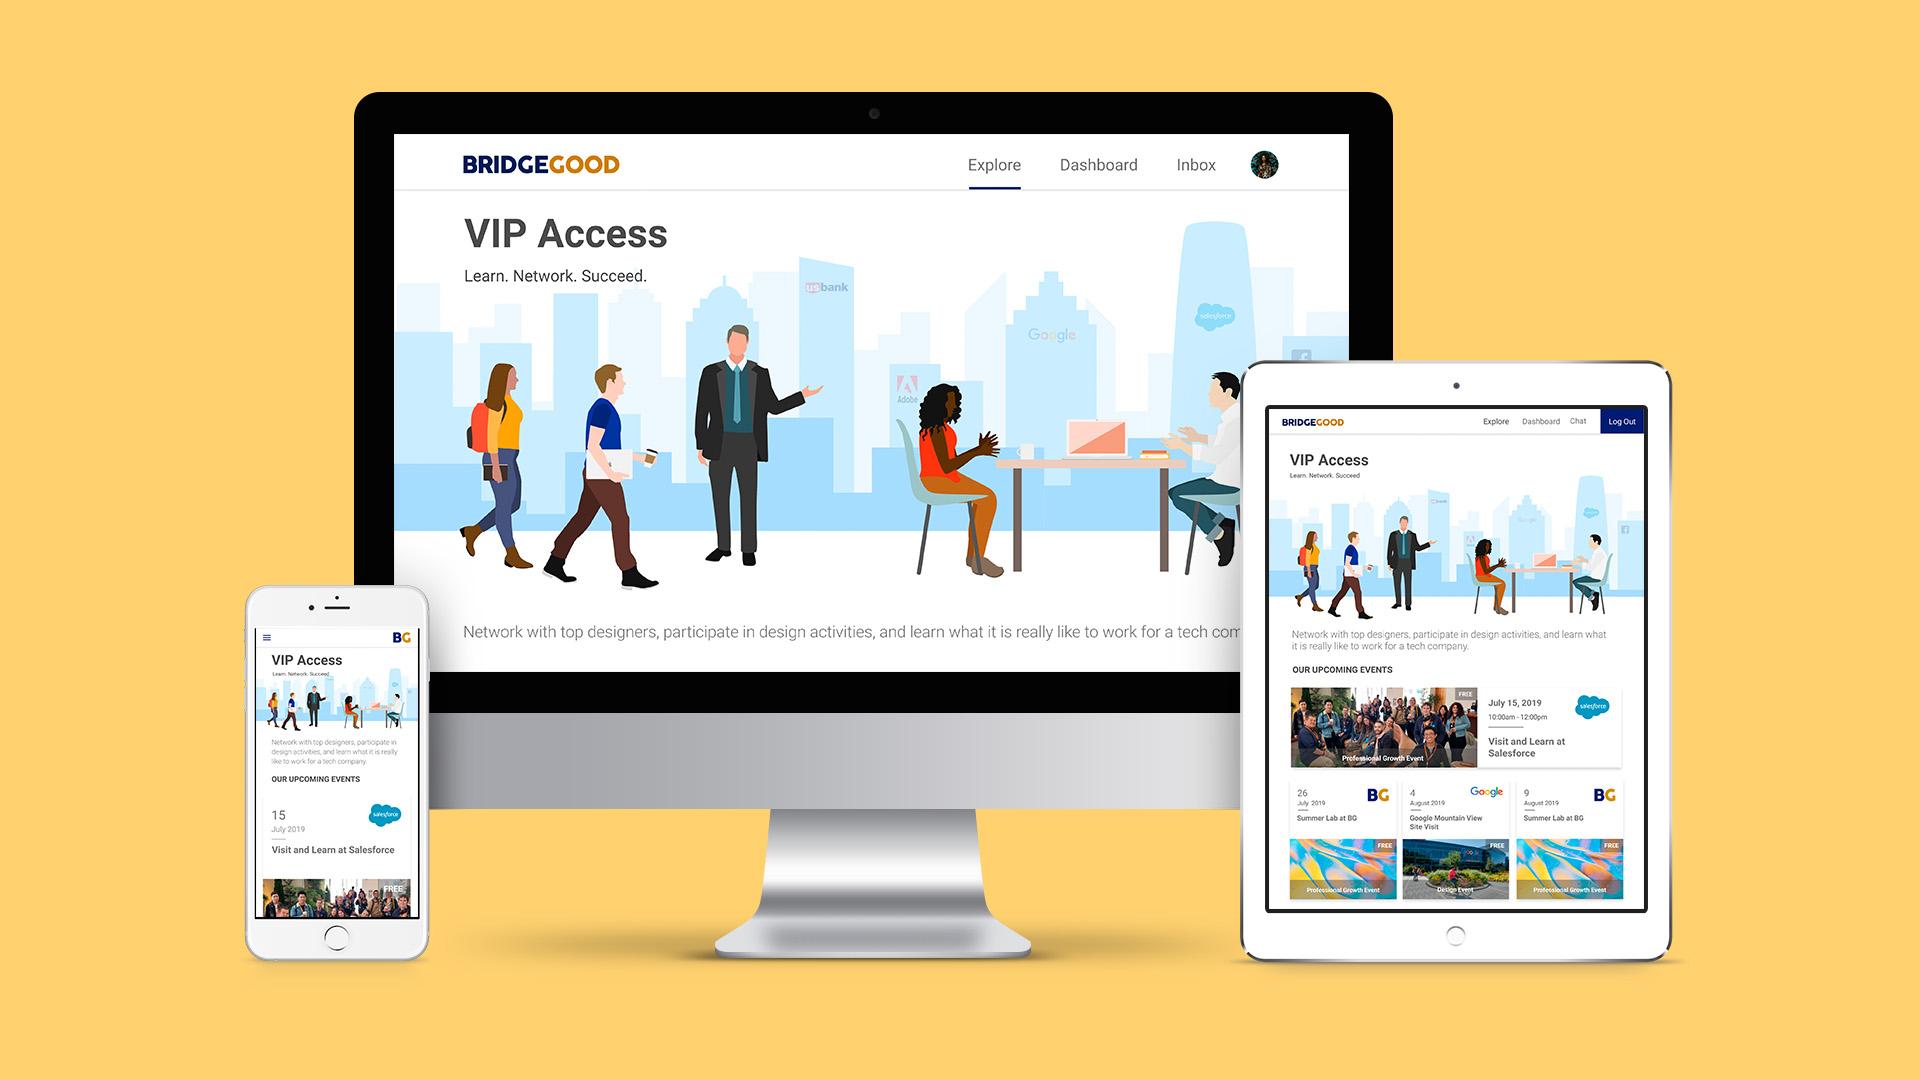 BRIDGEGOOD: VIP Events/Onboarding